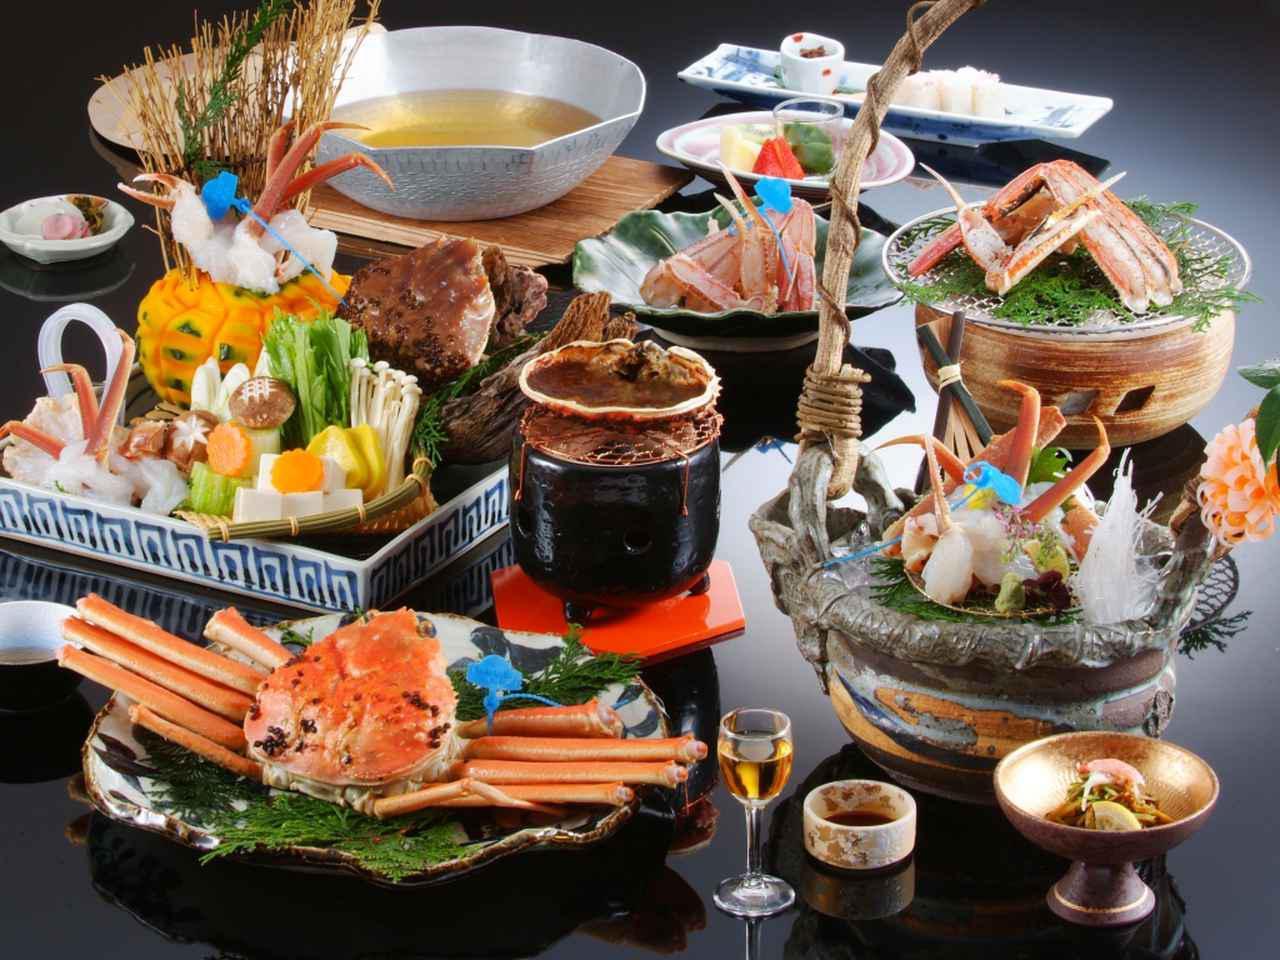 画像: 【城崎 円山川温泉 銀花】冬は松葉ガニ。夏は但馬牛。旬を堪能する創作懐石は、圧巻の美味。